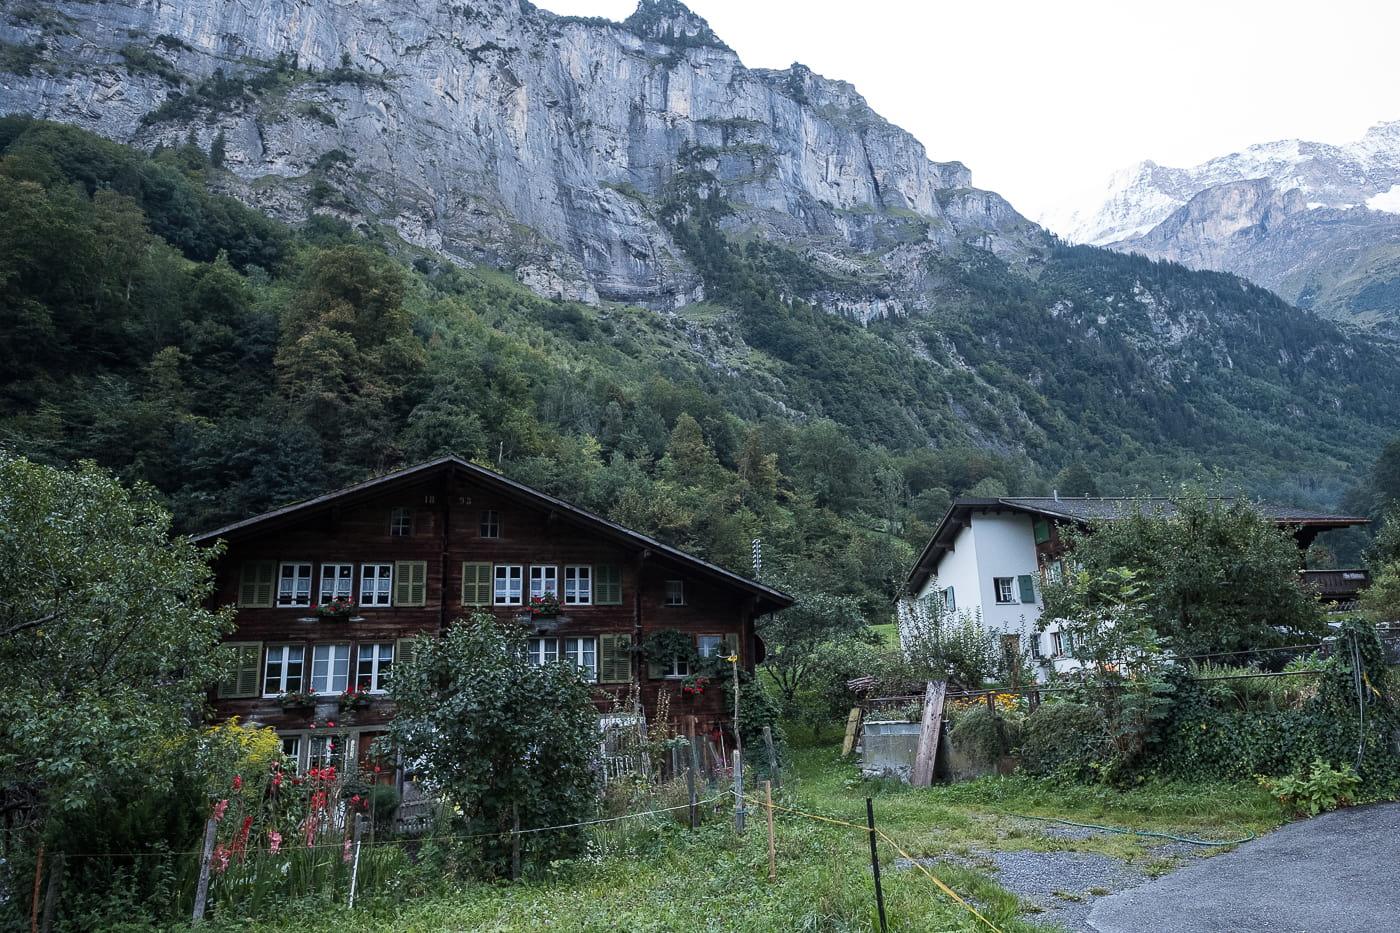 Lauterbrunnental Chalet in Stechelberg